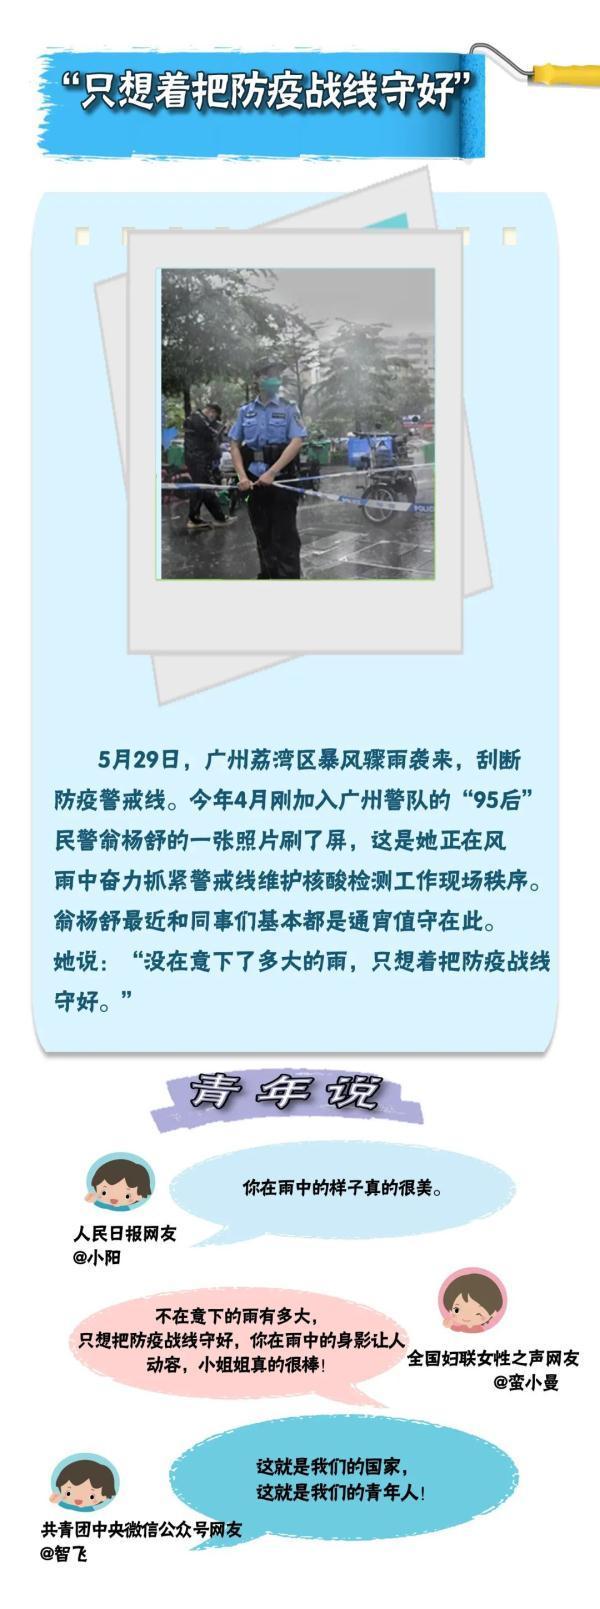 中国人的故事|暖镜头:7亿剂次,每个人都是一道防线 全球新闻风头榜 第6张